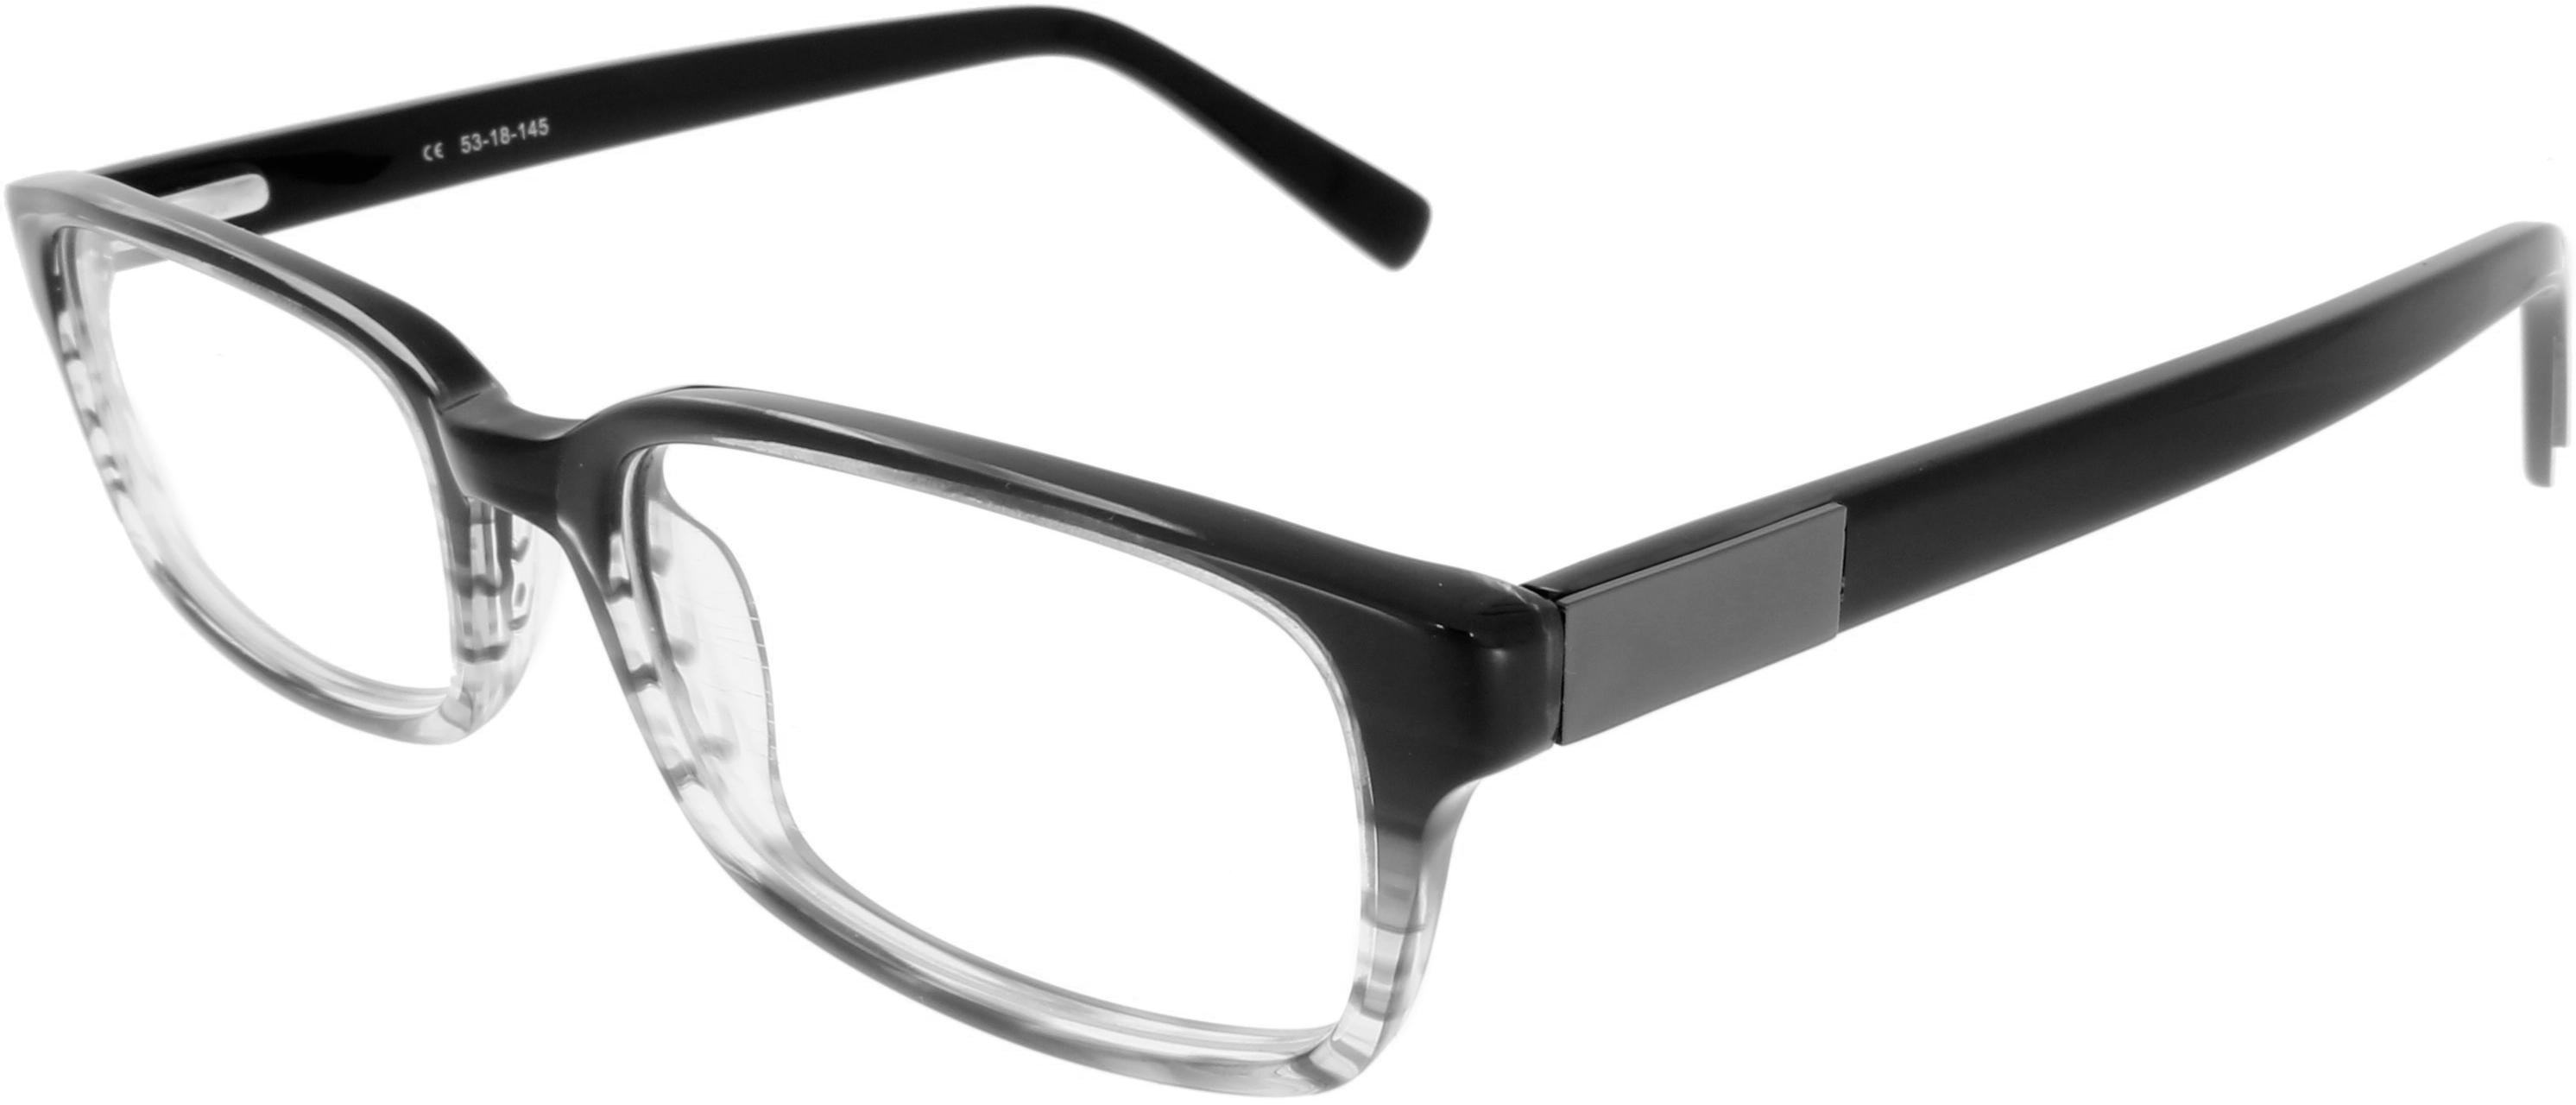 Vorschaubild von Kastenförmige Brille mit Farbverlauf